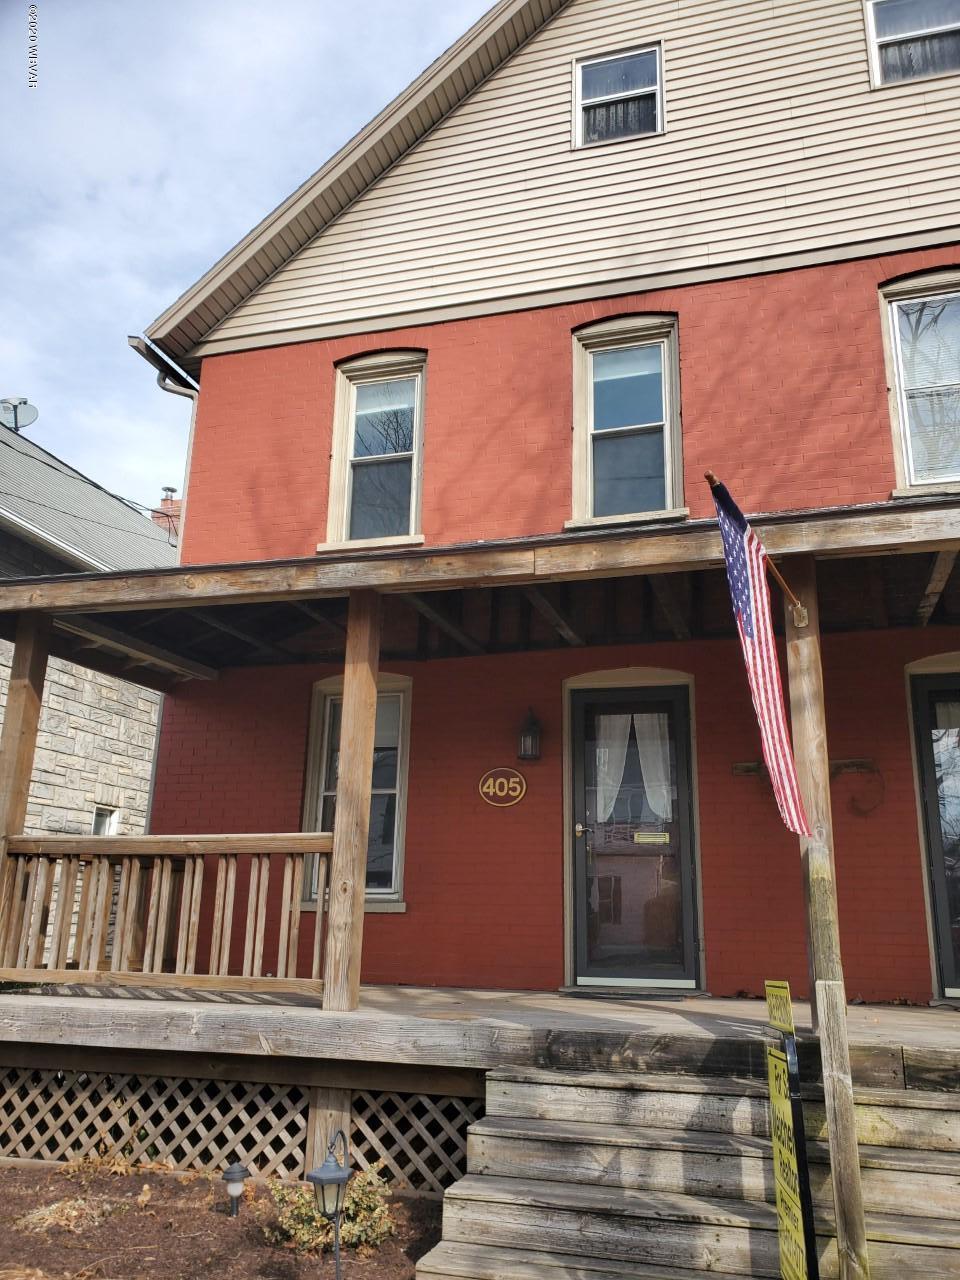 405 HASTINGS STREET,S. Williamsport,PA 17702,3 Bedrooms Bedrooms,1 BathroomBathrooms,Resid-lease/rental,HASTINGS,WB-89664